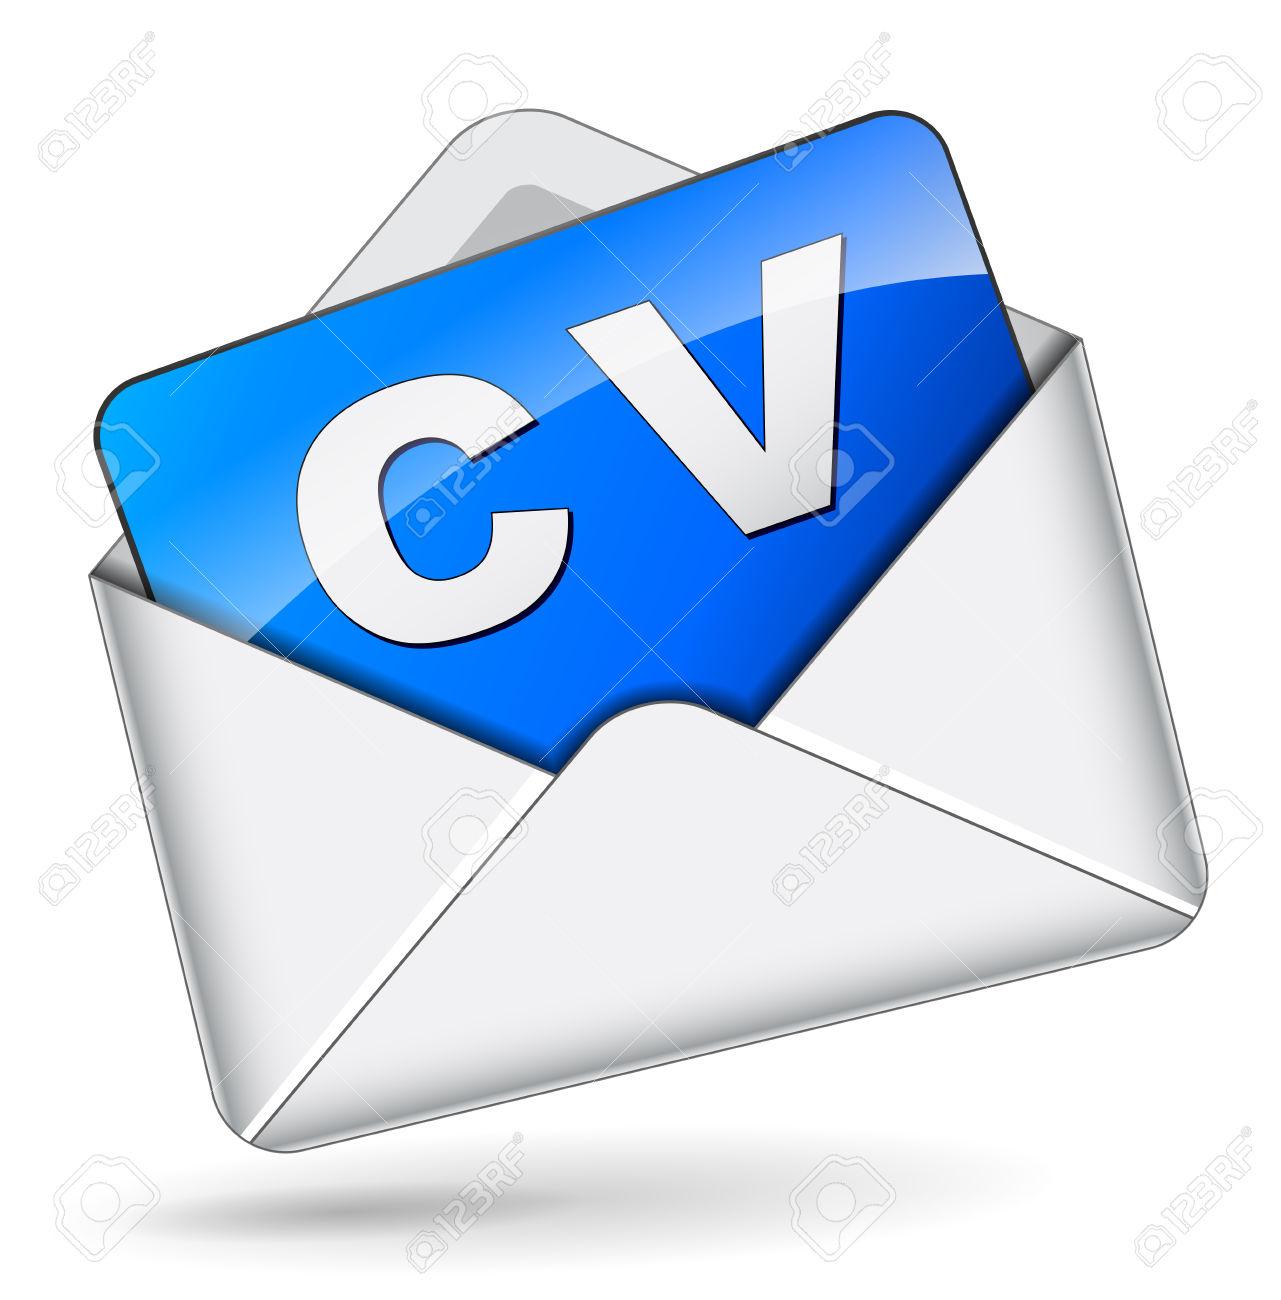 CVformu